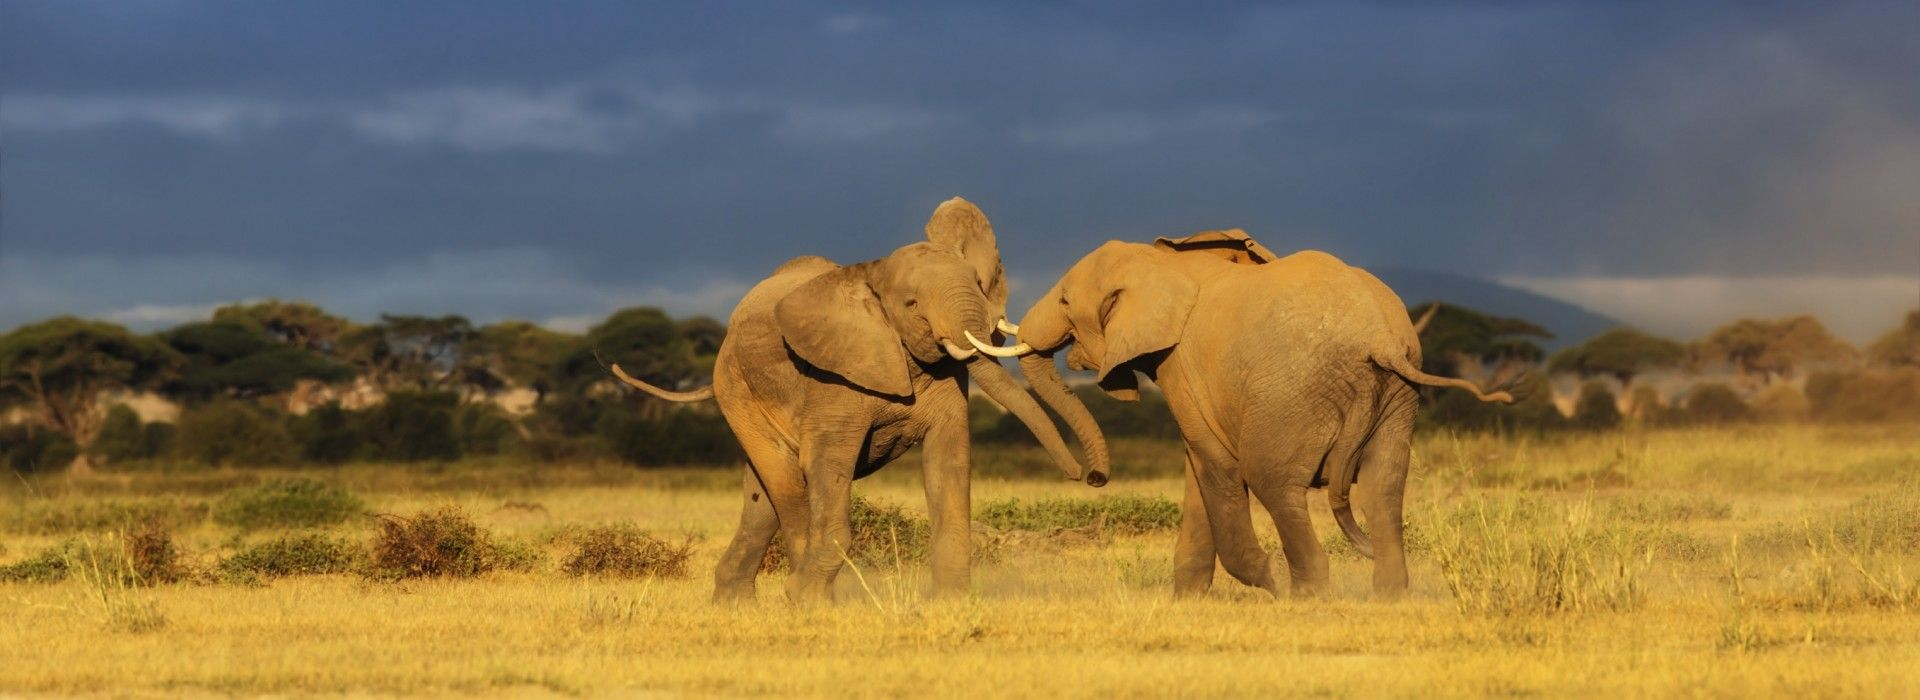 Safaris in Africa